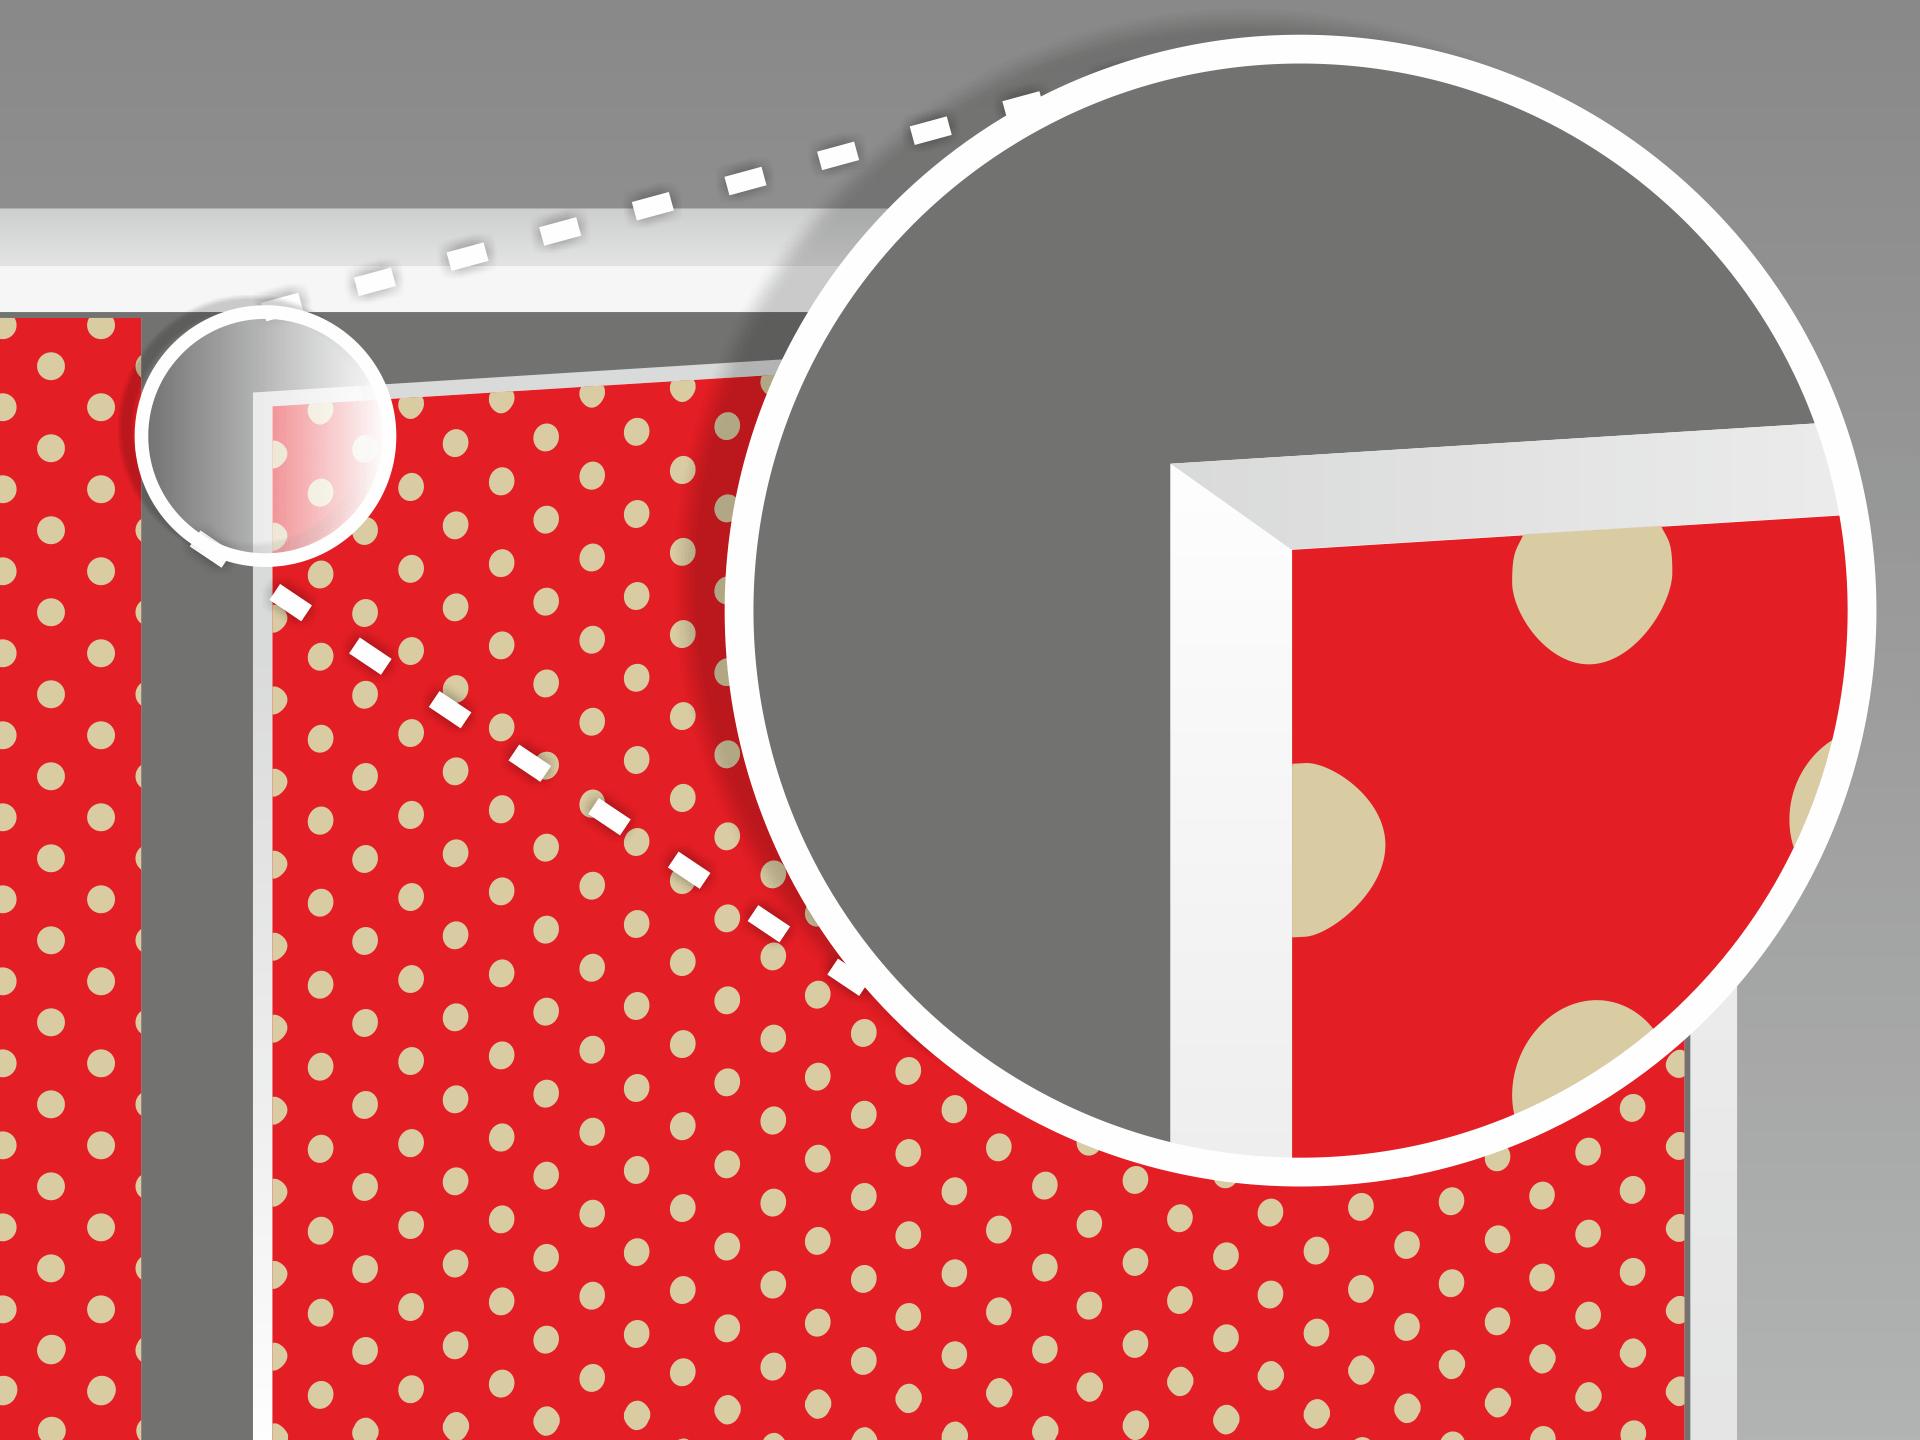 Die überstehende Folie vorsichtig abschneiden. Nutze dabei die Möbelkante oder ein Lineal als Schnittführung für Dein Cutter-Messer. So erhältst Du einen sauberen, geraden Rand.